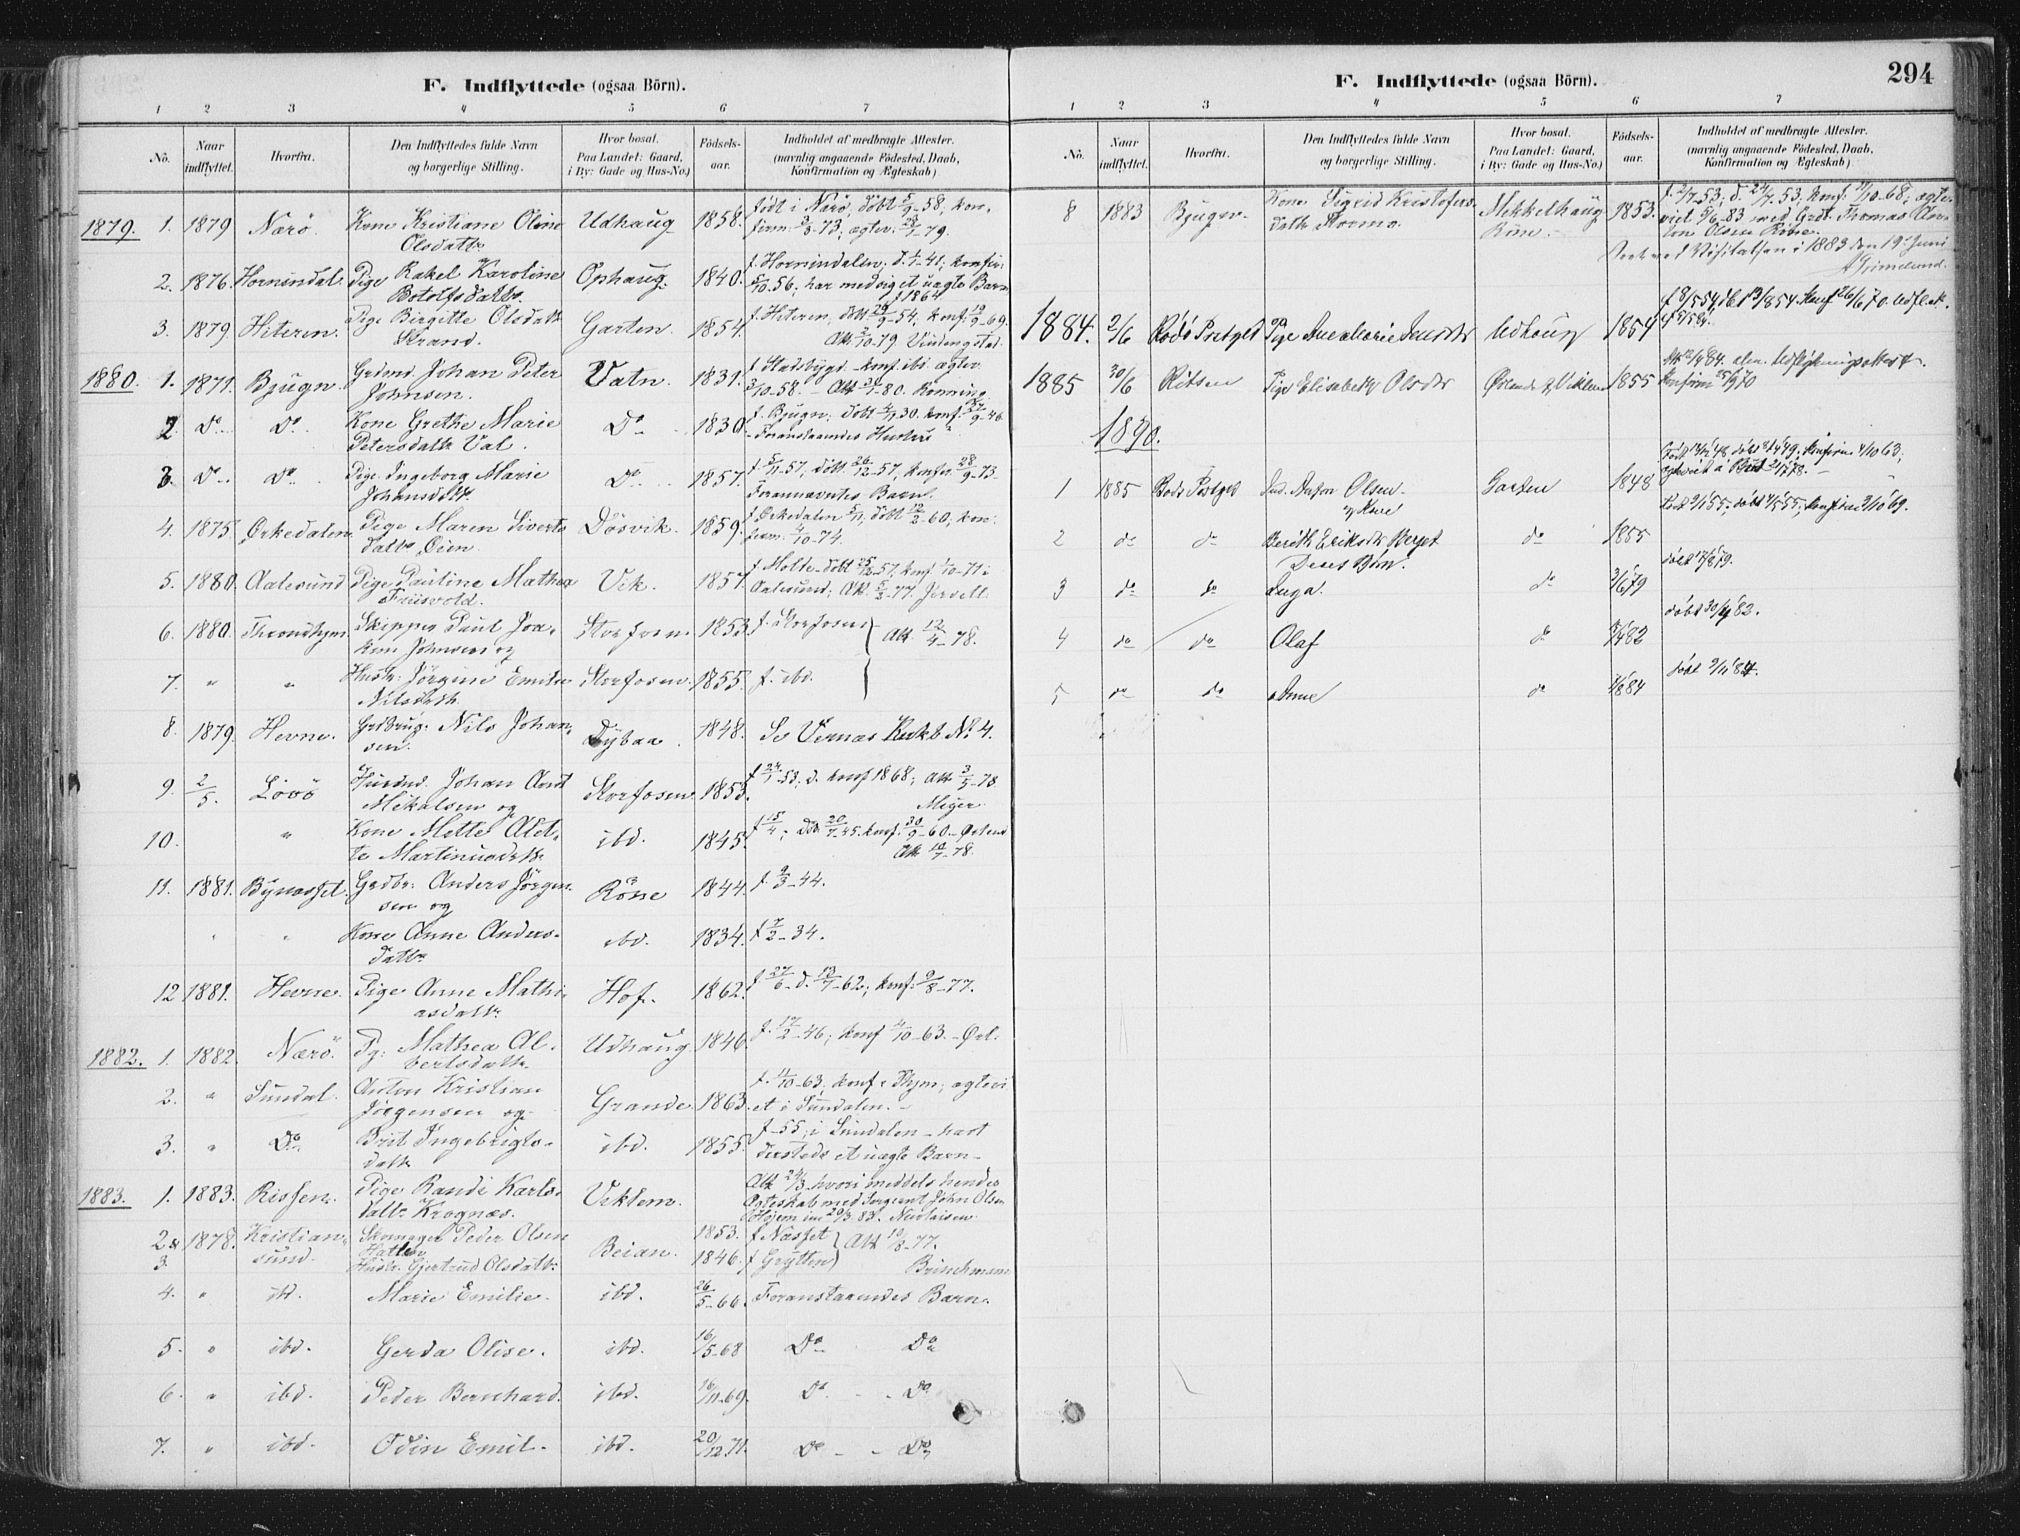 SAT, Ministerialprotokoller, klokkerbøker og fødselsregistre - Sør-Trøndelag, 659/L0739: Ministerialbok nr. 659A09, 1879-1893, s. 294